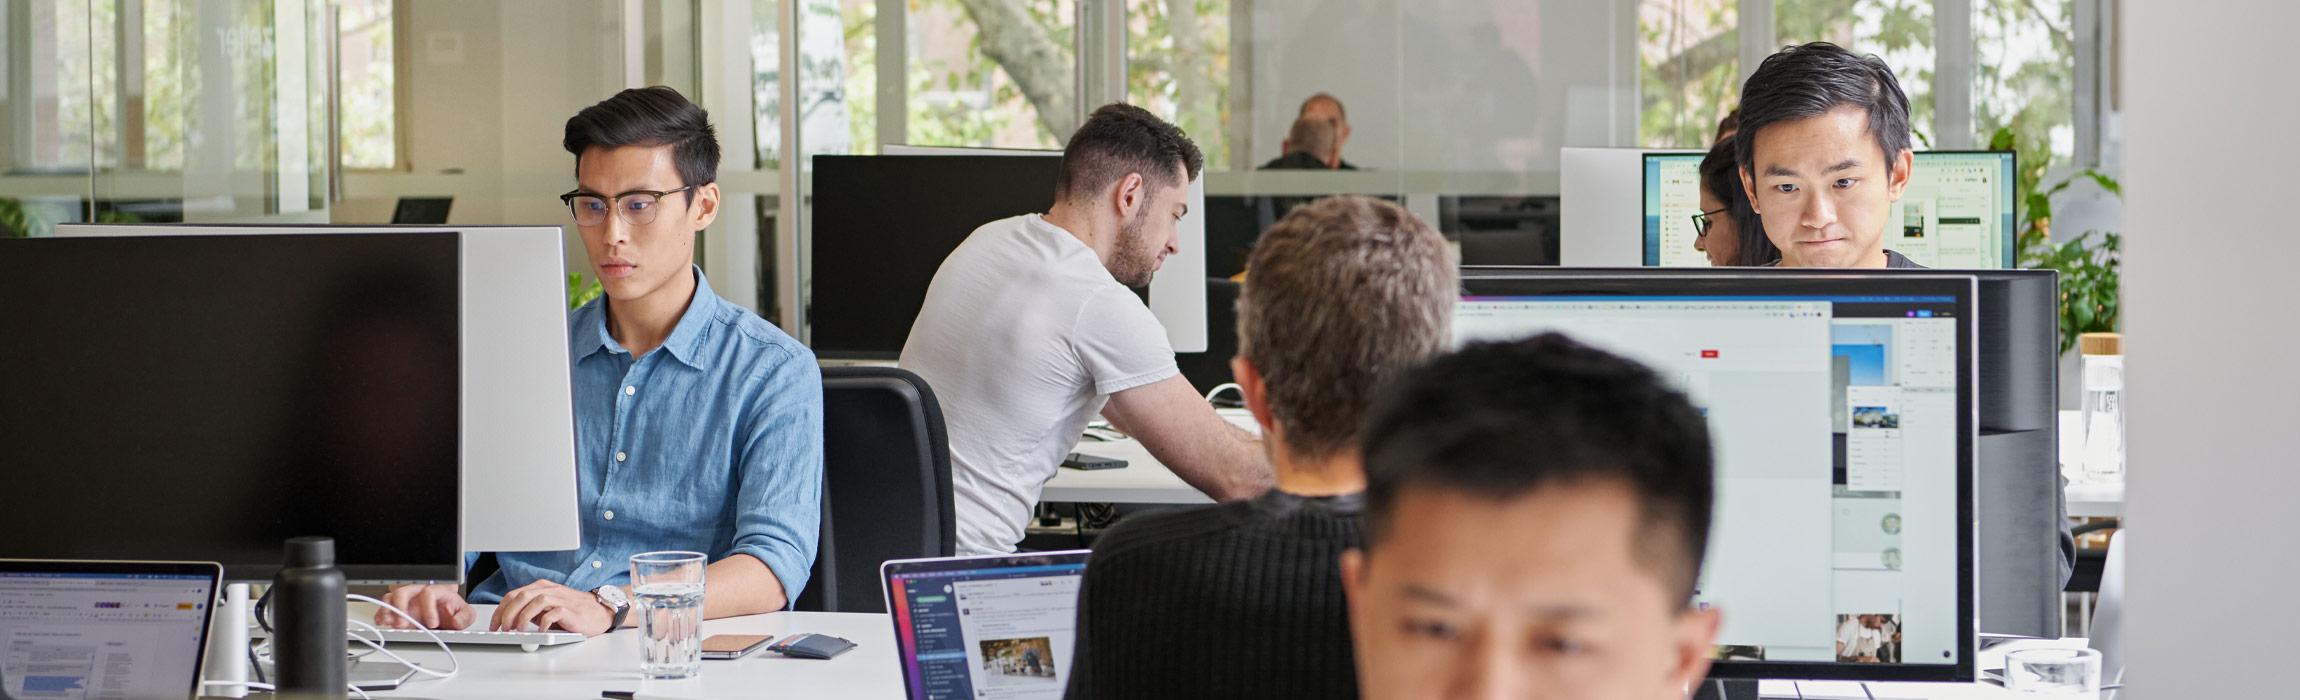 Zeller-Melbourne-fintech-business